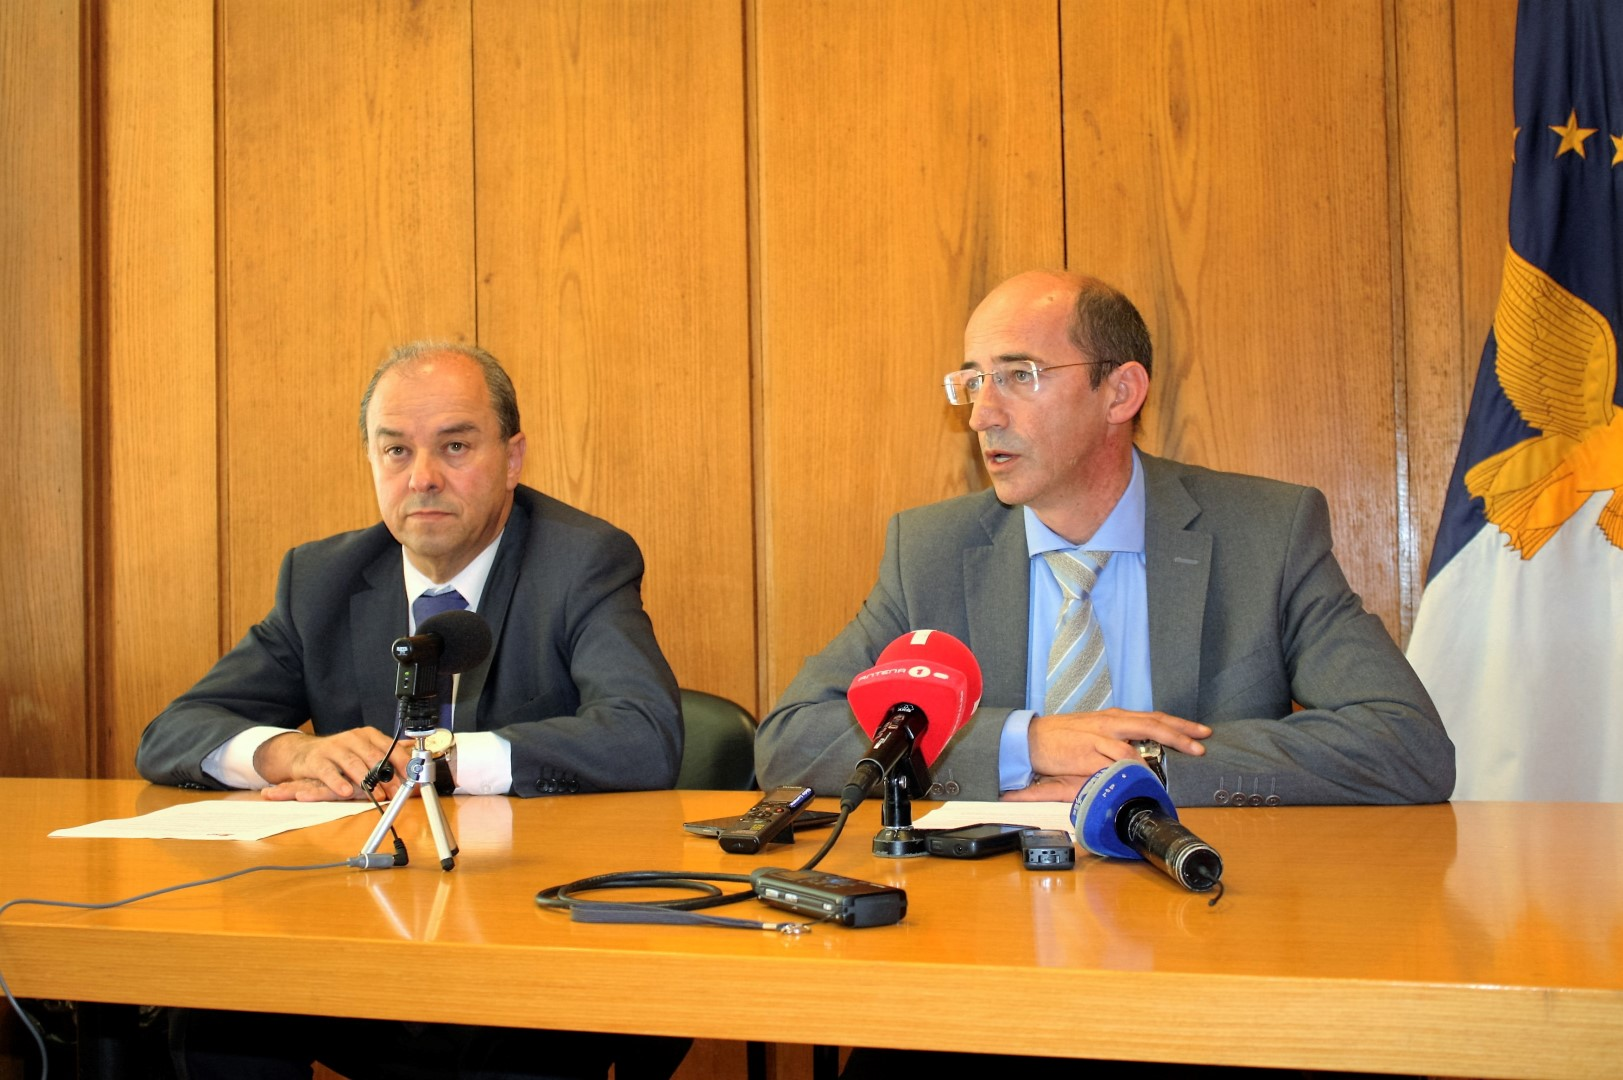 """Partido Socialista optou """"por brincar"""" com revisão da lei eleitoral, acusa o PSD"""